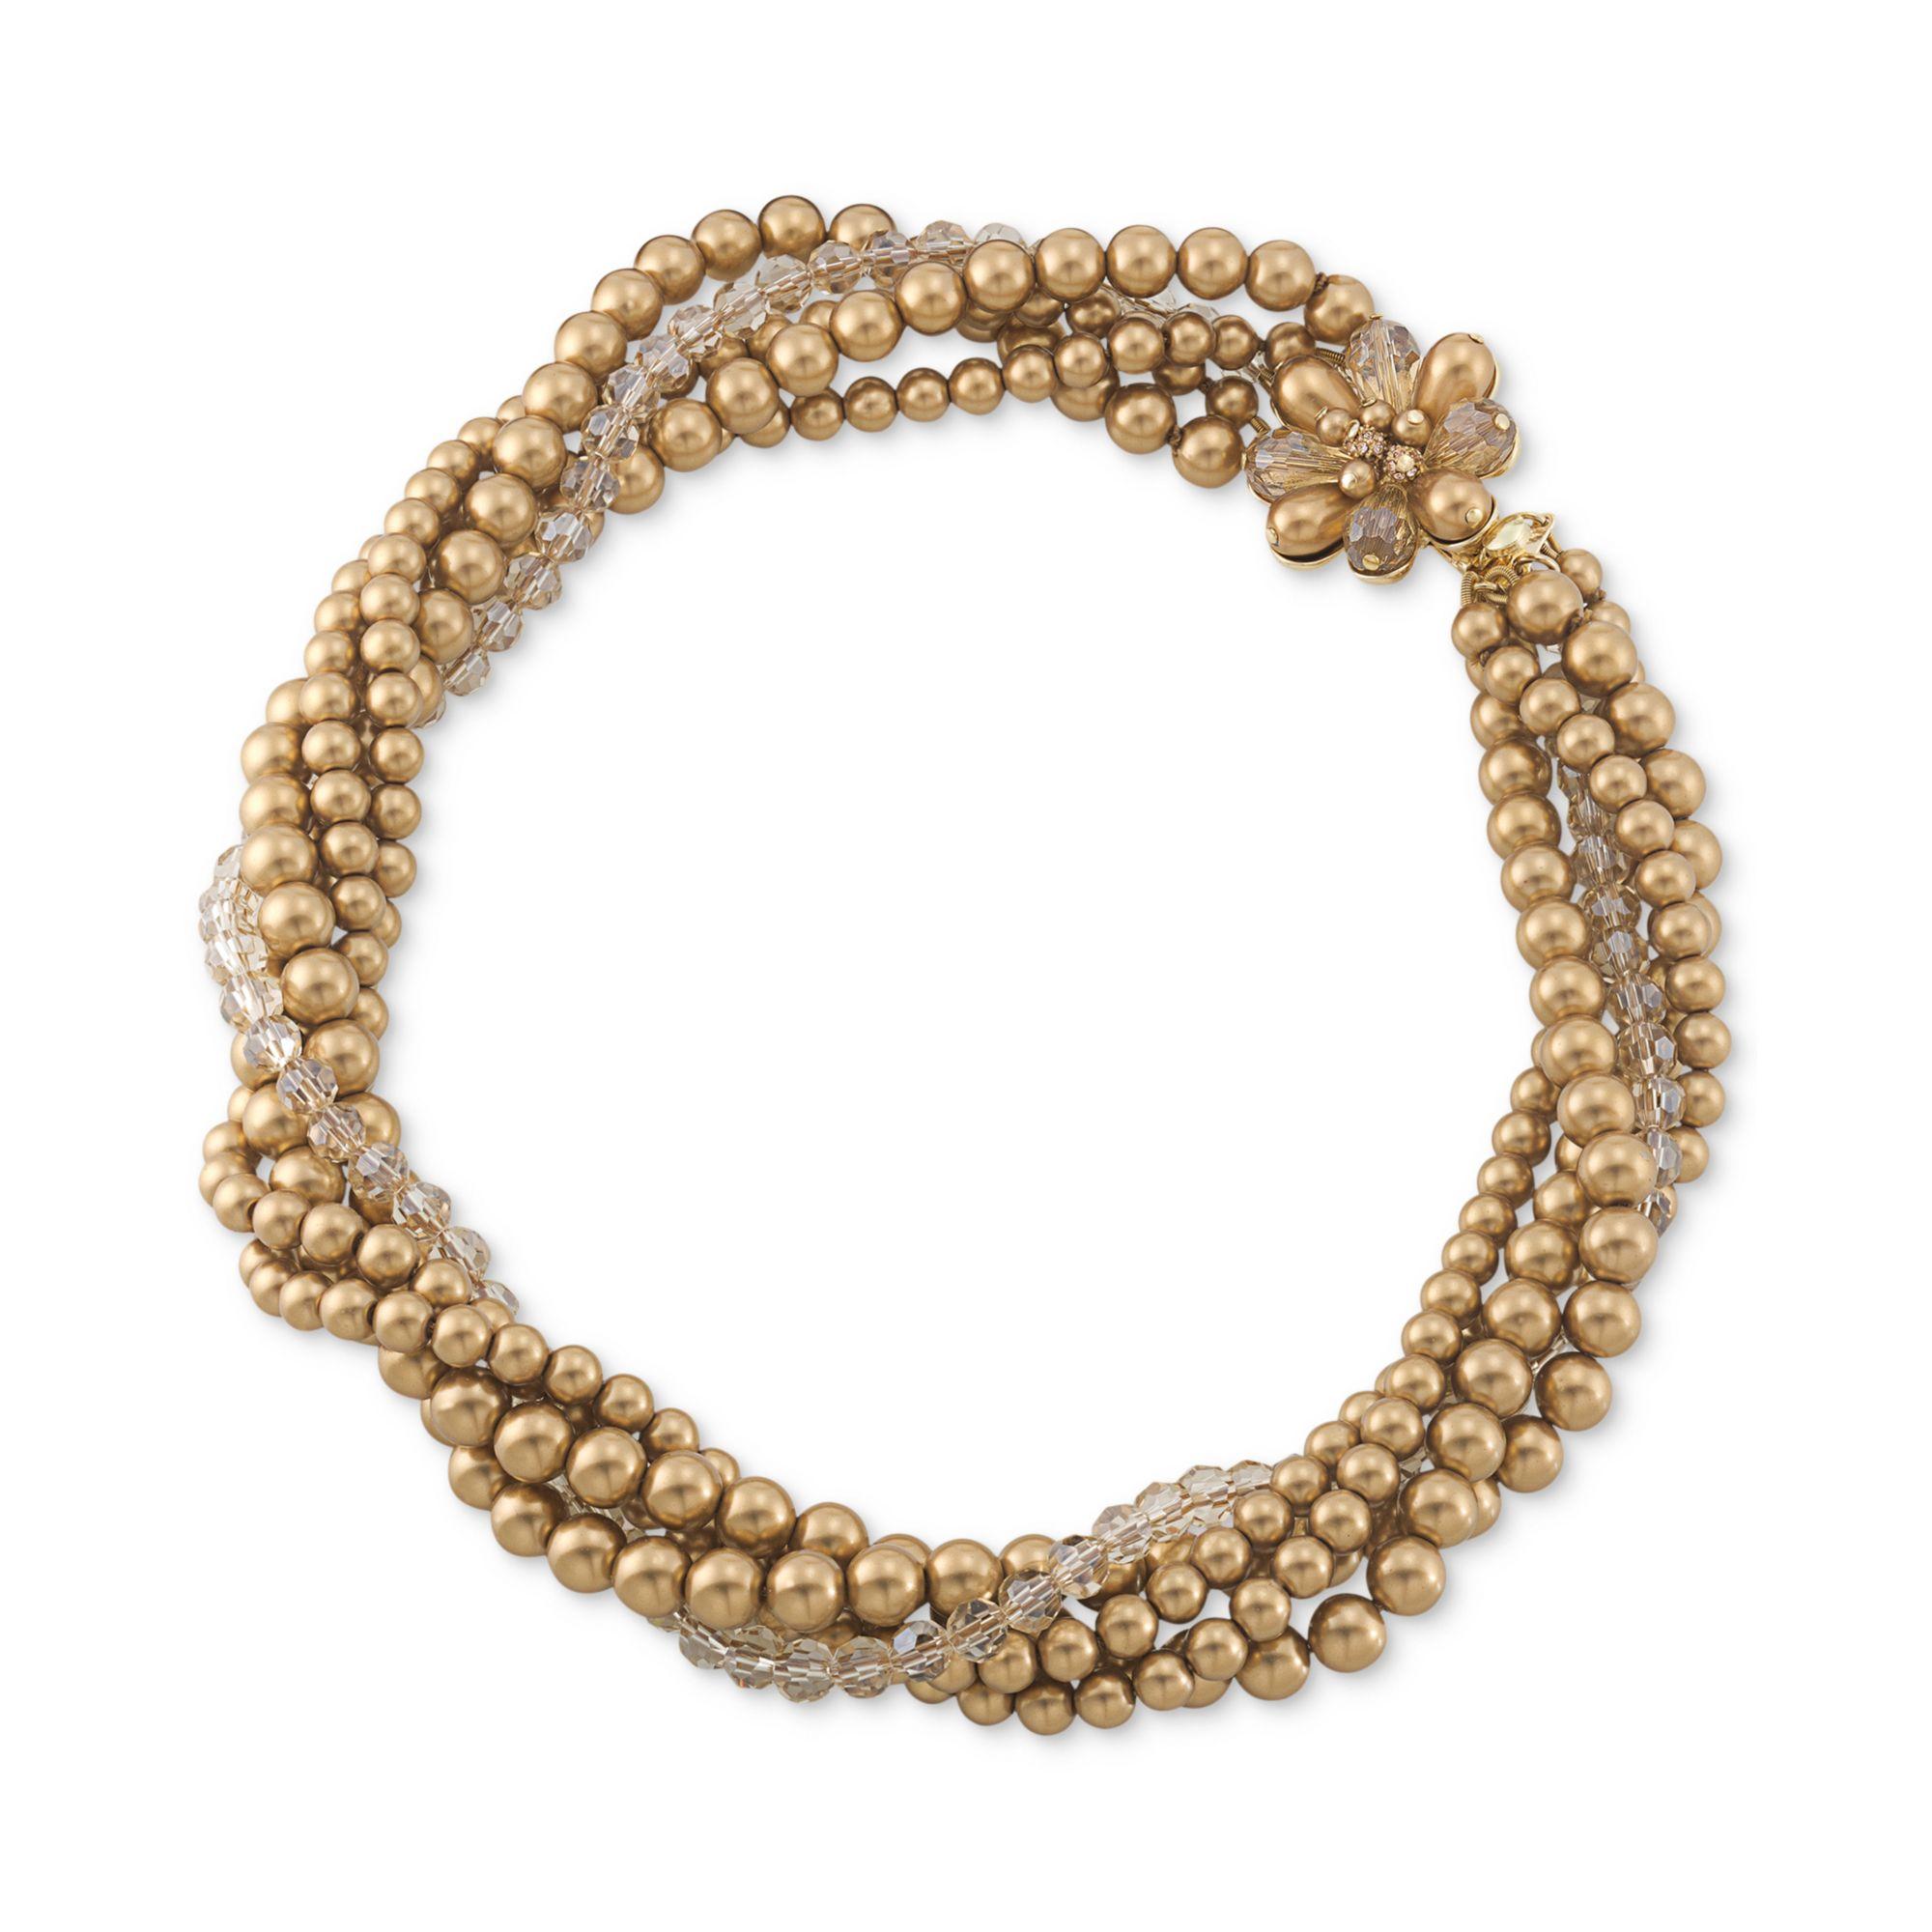 Torsade Necklace: Carolee Goldtone Glass Bead Torsade Statement Necklace In